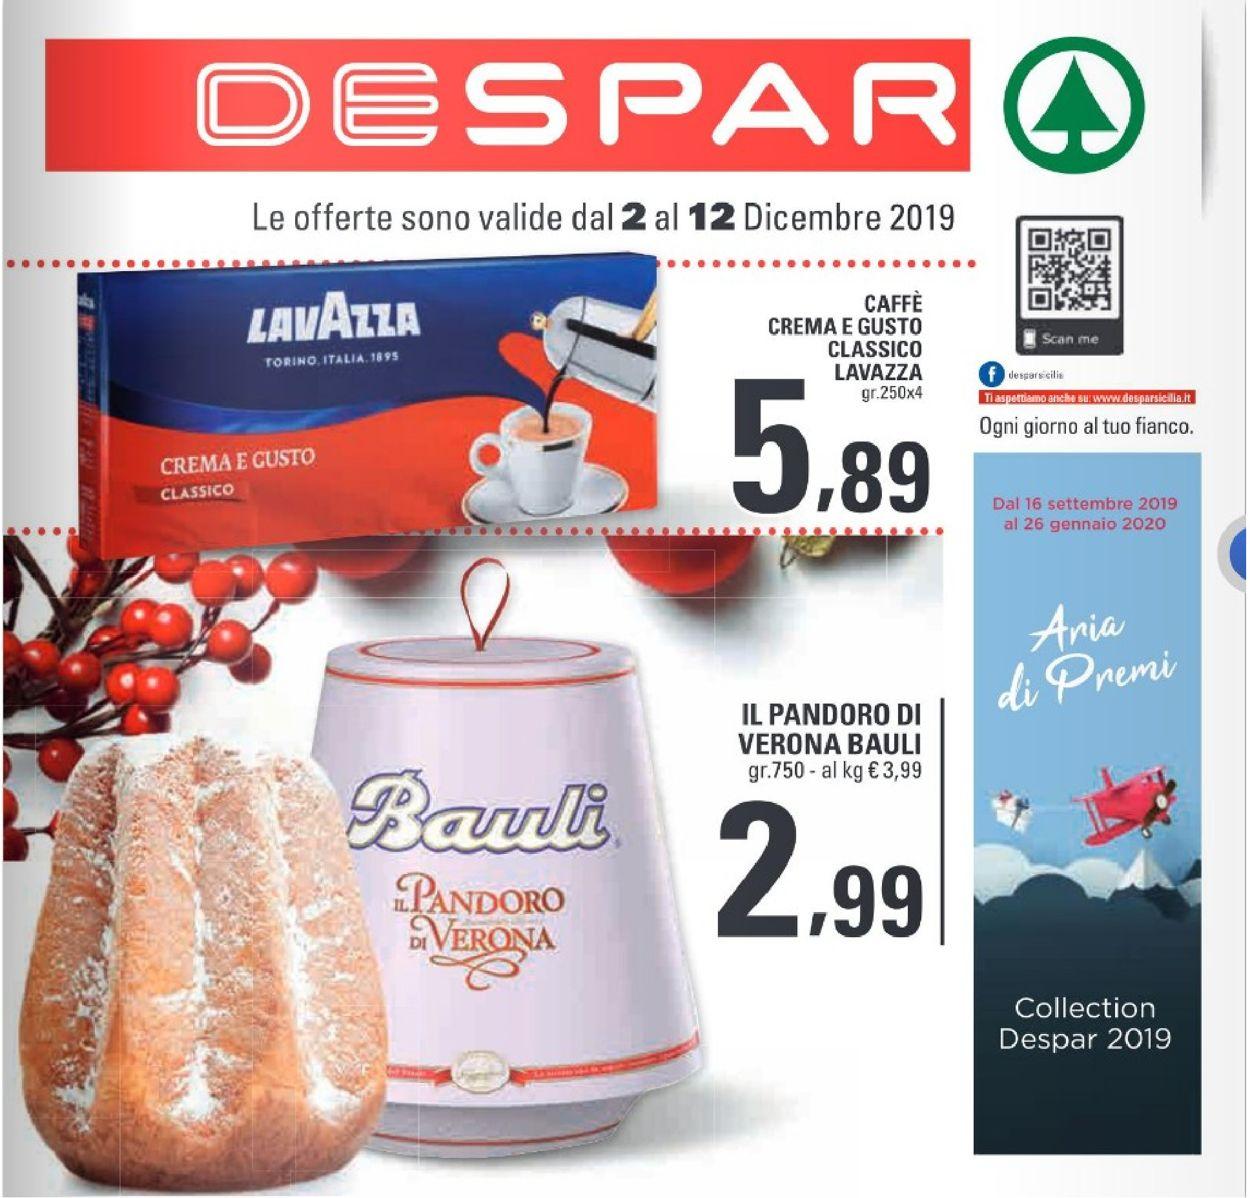 Volantino Despar - Offerte 02/12-12/12/2019